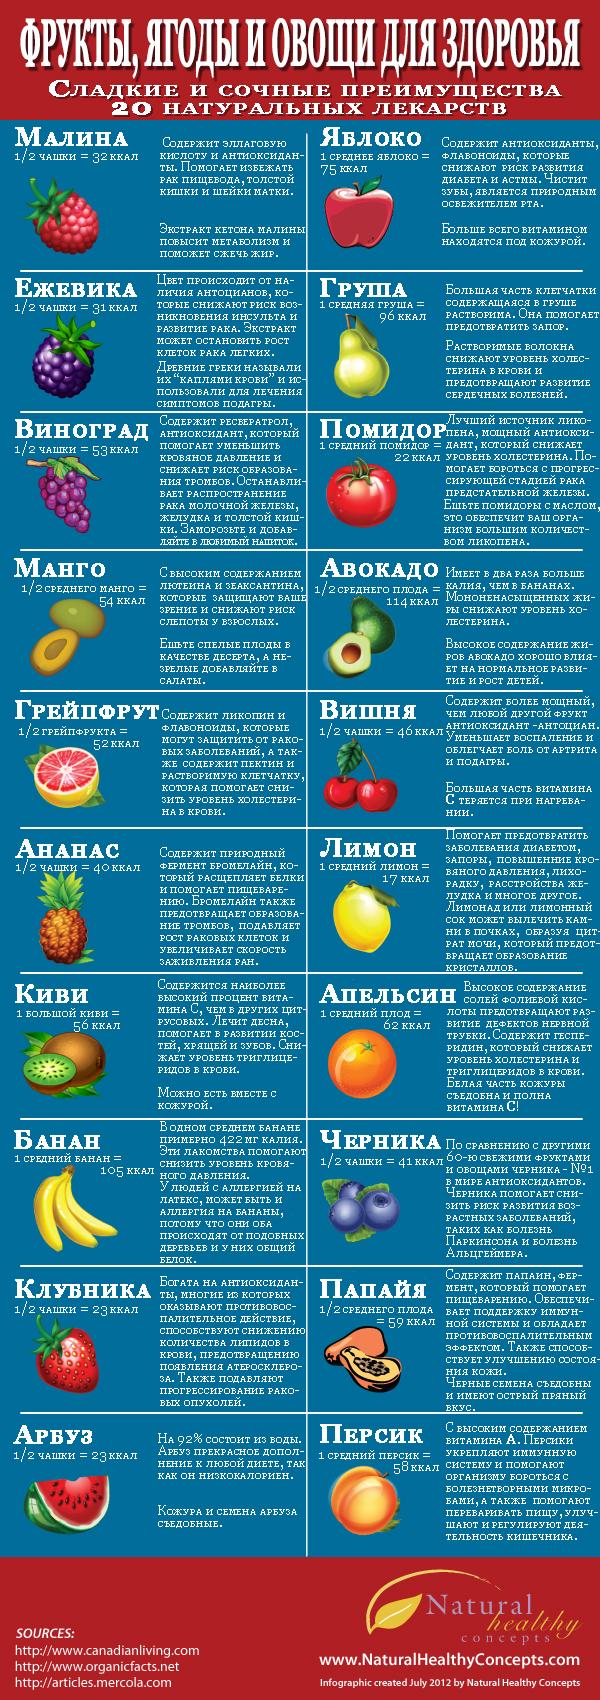 Чем полезны фрукты и ягоды